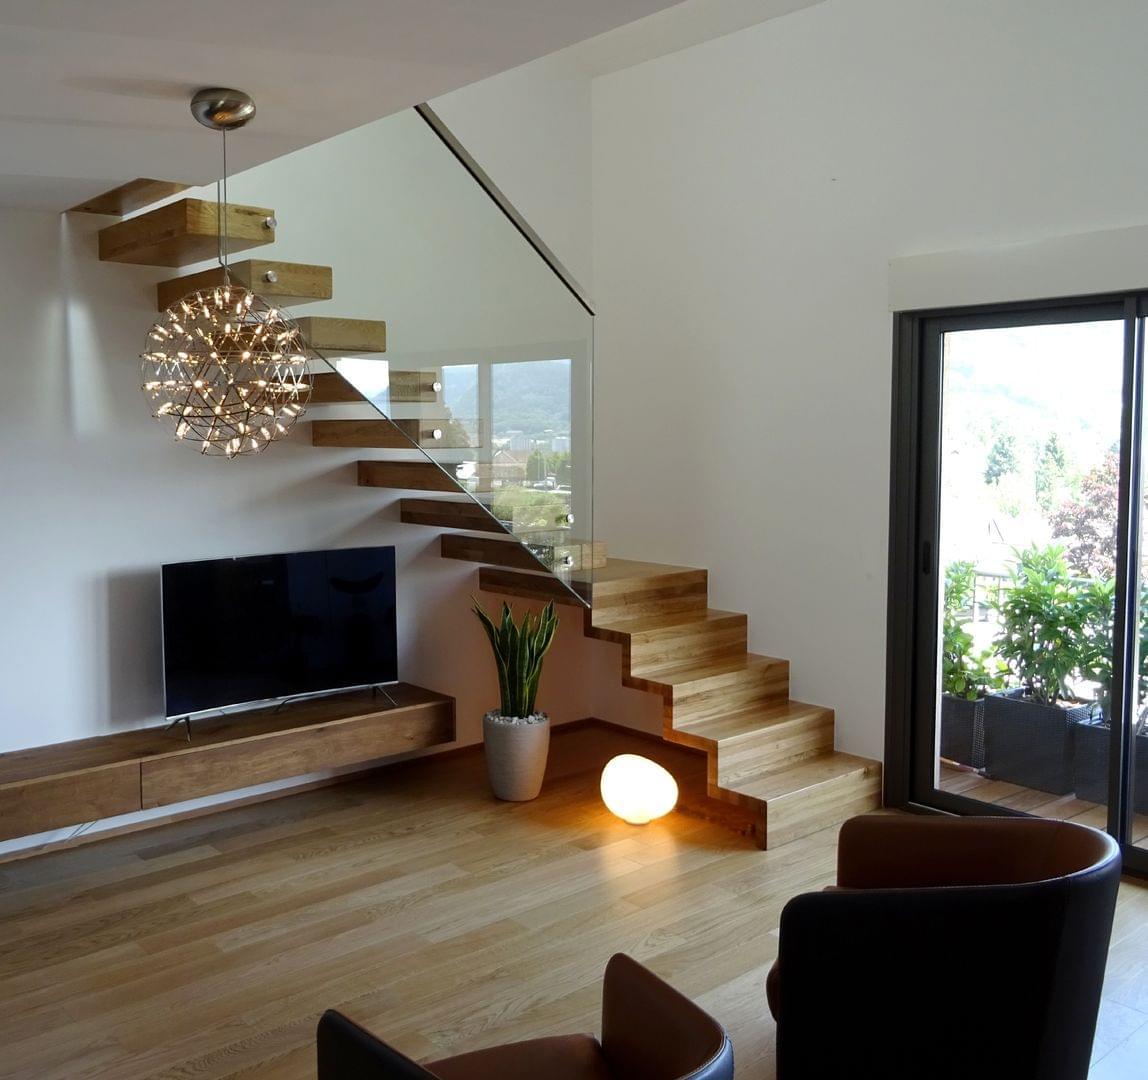 Escalier Design - Escaliers autoporteurs Design Ego | TREPPENMEISTER